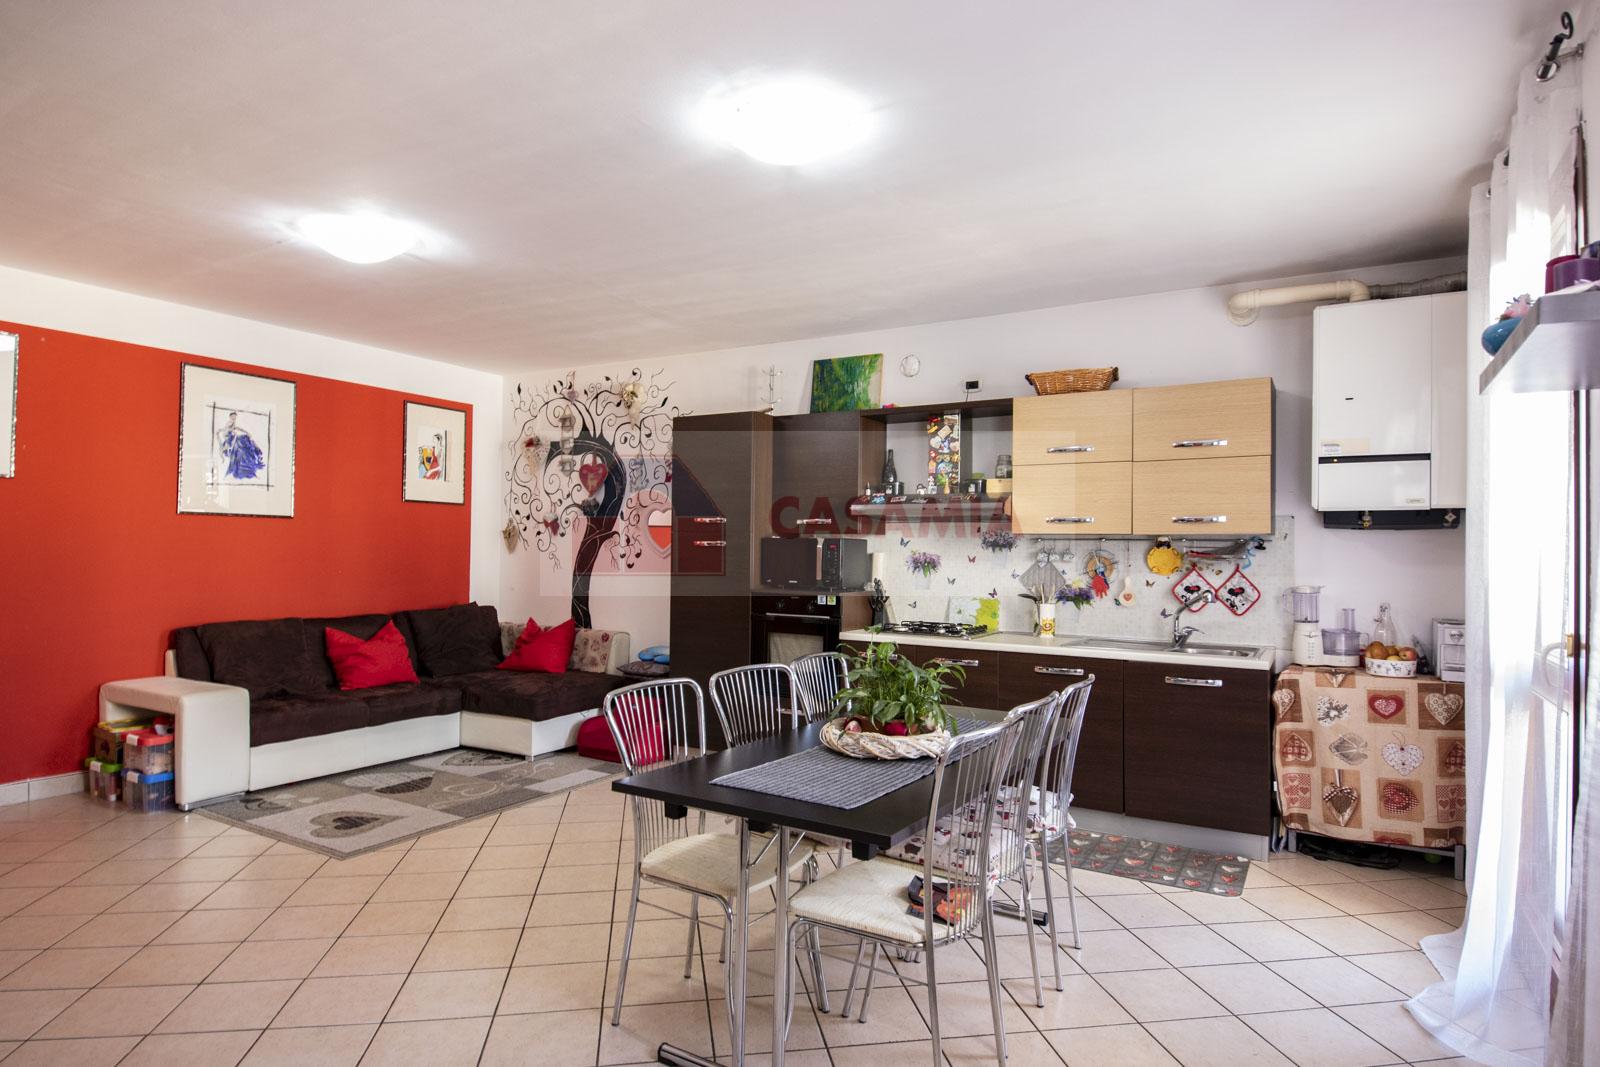 Appartamento in vendita a Salgareda, 4 locali, prezzo € 80.000 | CambioCasa.it